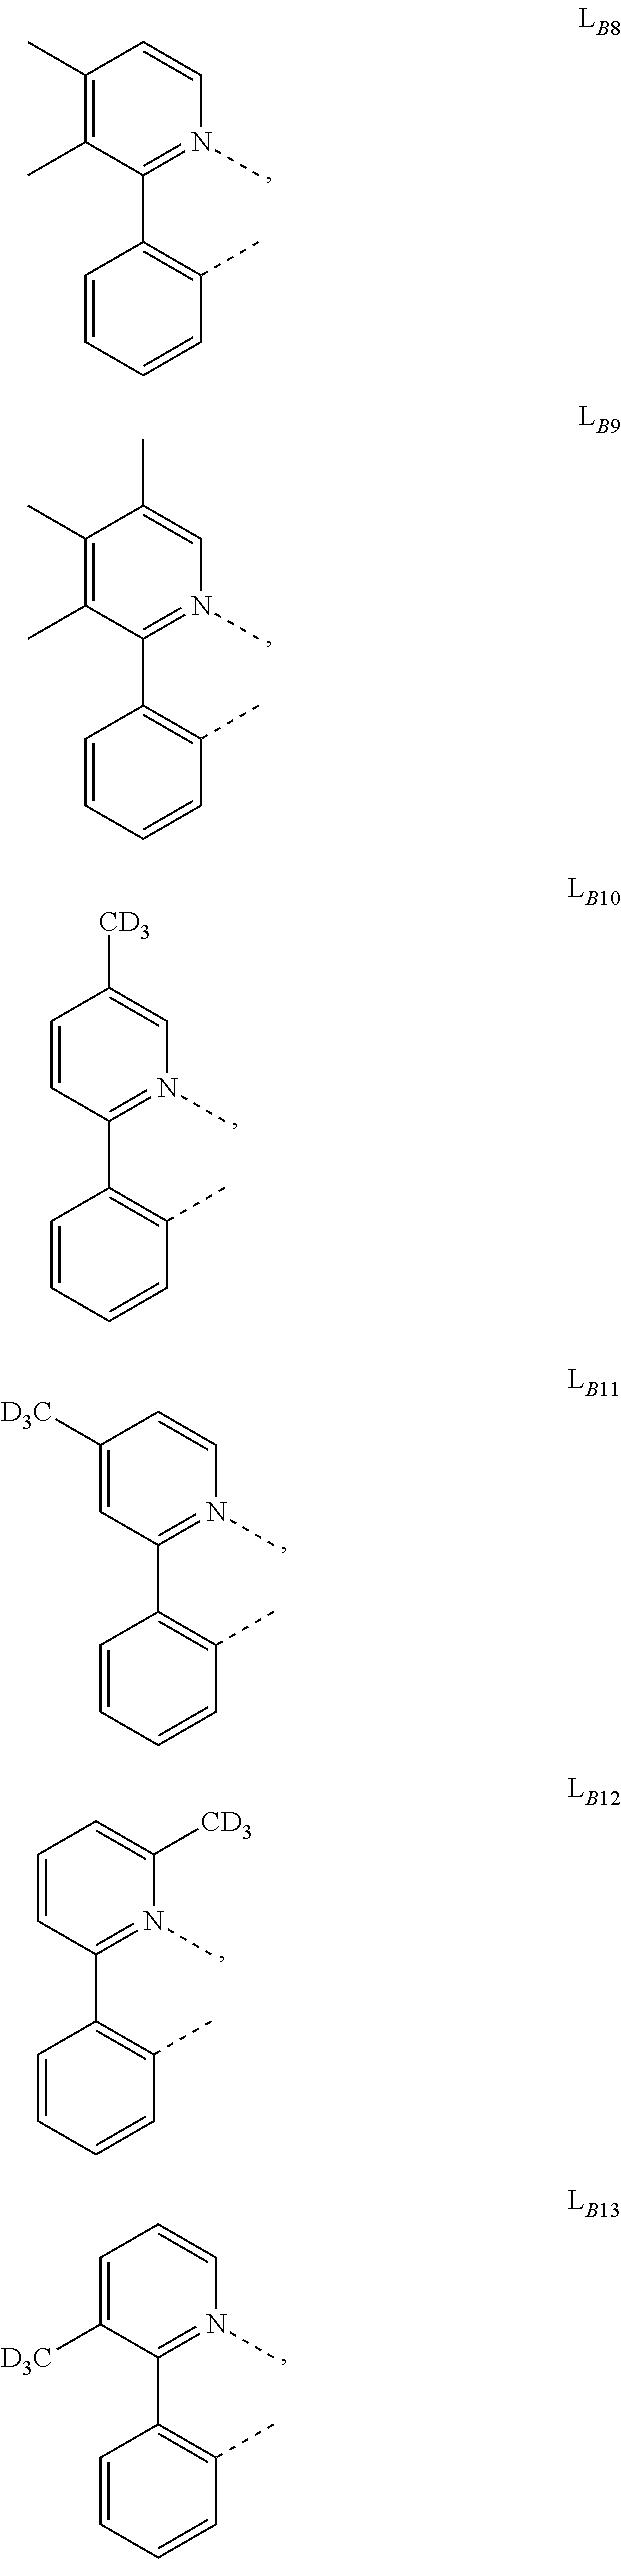 Figure US09691993-20170627-C00296